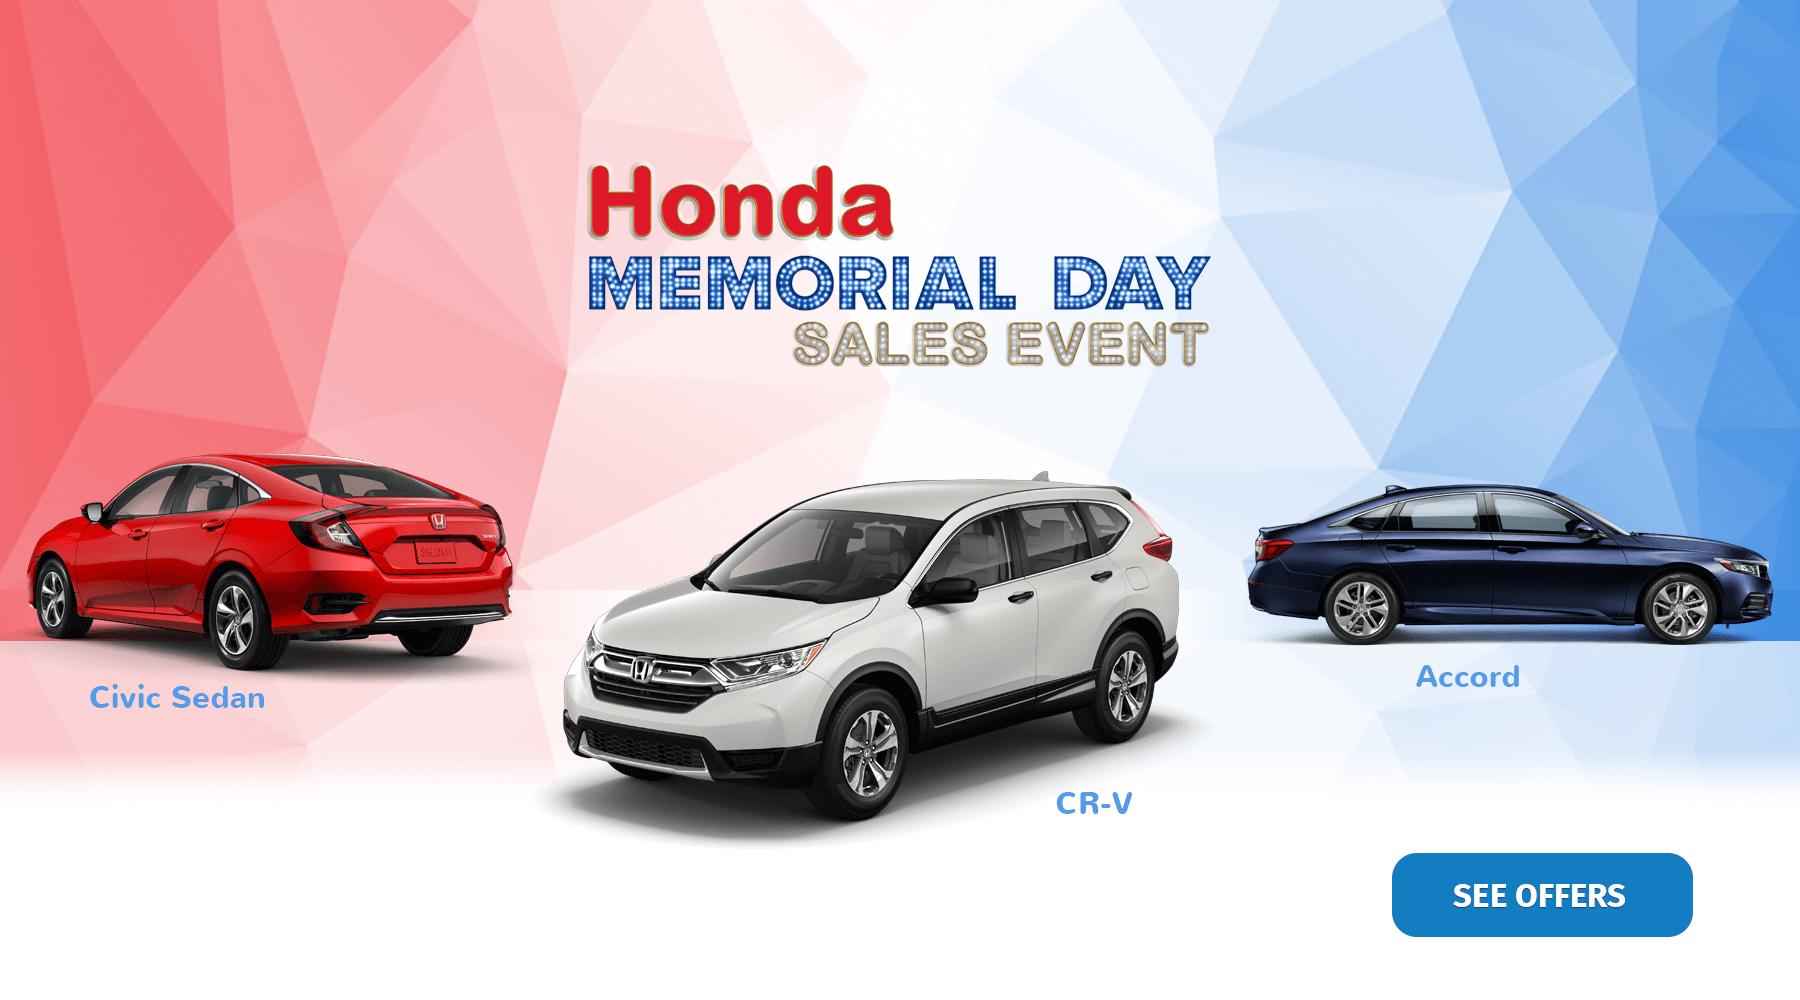 2019 Honda Memorial Day Sales Event Hawaii Honda Dealers HP Slide